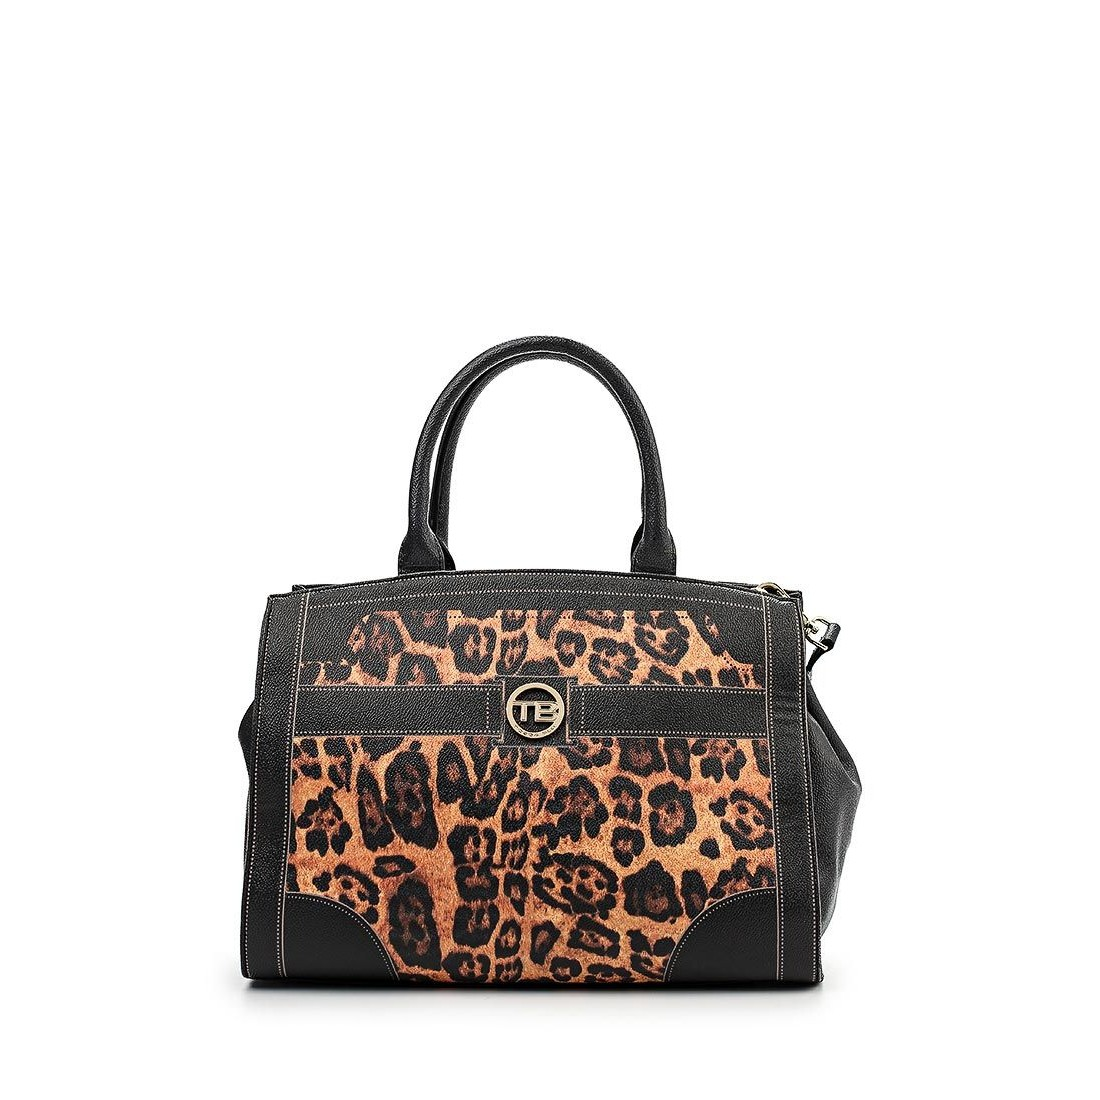 Купить кожаные женские сумки в Москве - Sumkinet